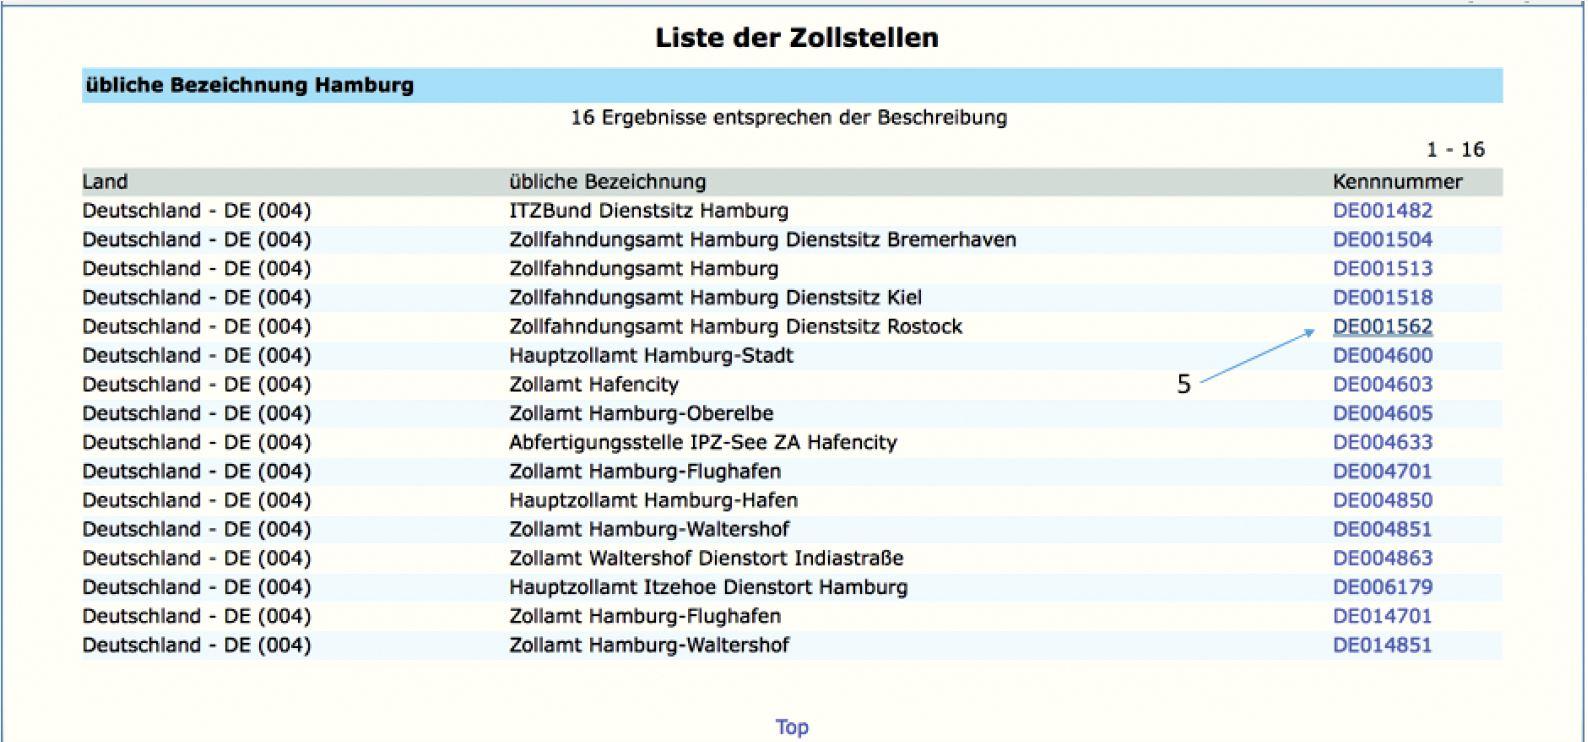 AEO Auskunft - Europäische Kommission Liste der Zollstellen - Suchkriterium Hamburg